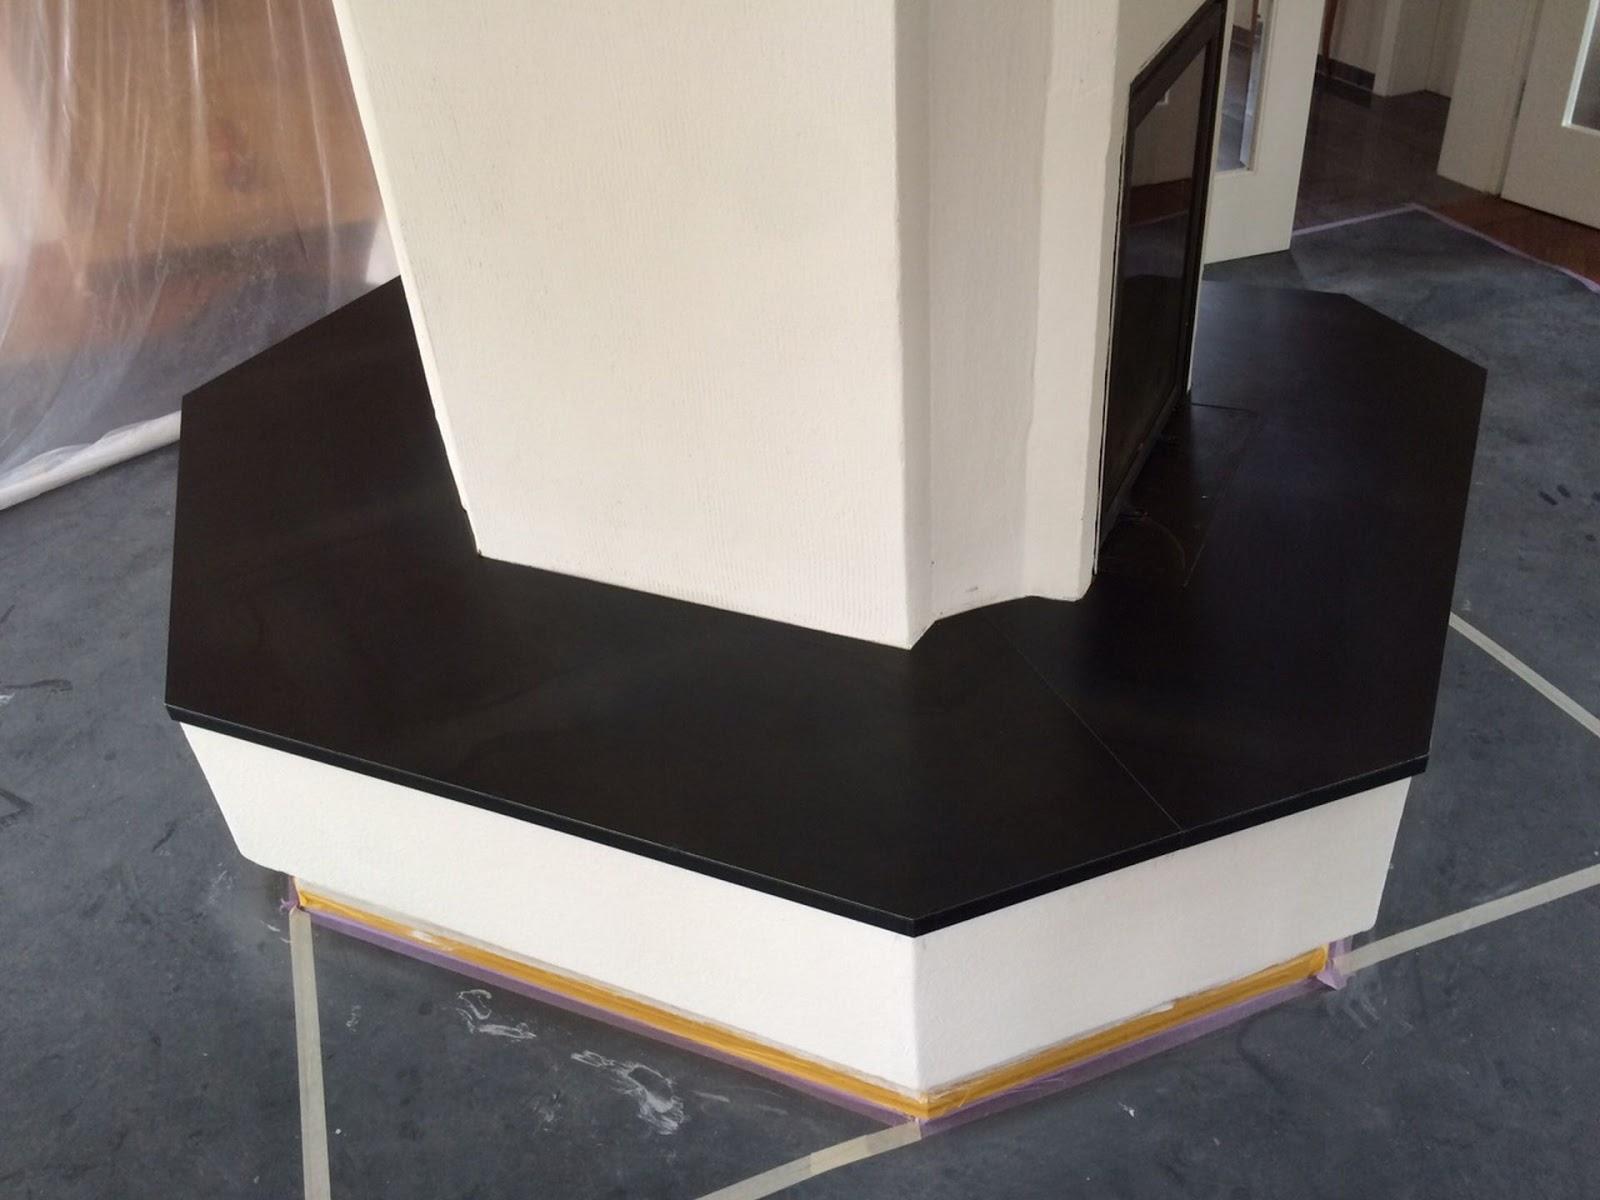 abstand kamin m bel wohn design. Black Bedroom Furniture Sets. Home Design Ideas